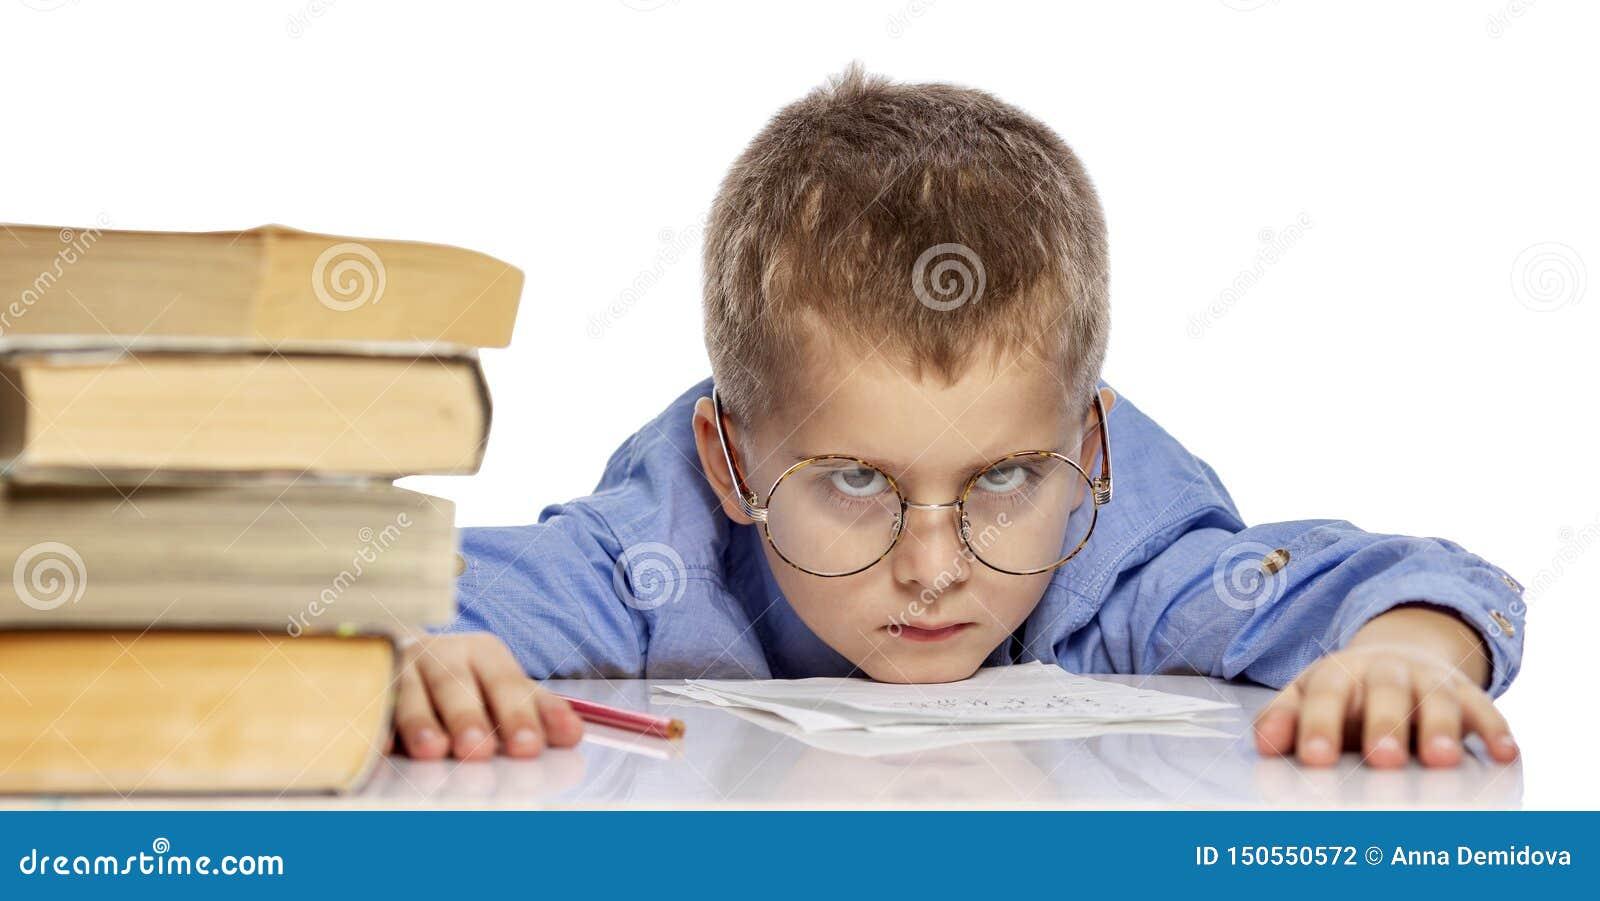 Милый мальчик в стеклах школьного возраста уставший учить Я повиснул мою голову на учебниках : o